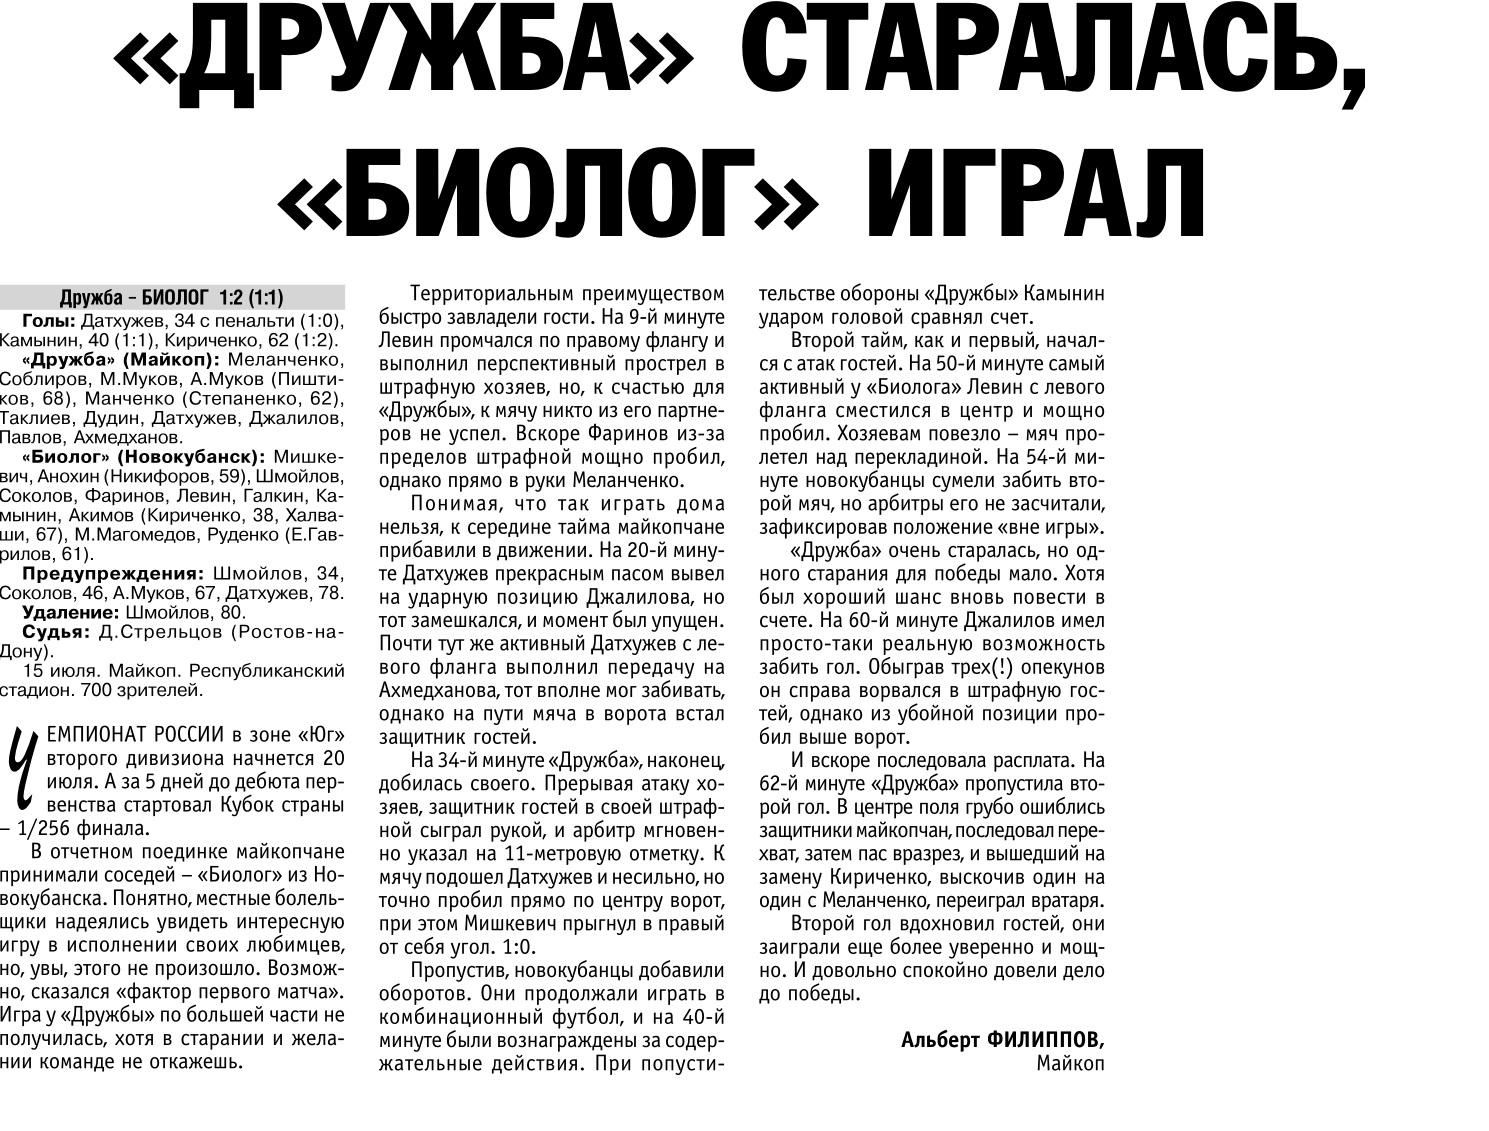 Дружба (Майкоп) - Биолог-Новокубанск (Новокубанск, п.Прогресс) 1:2. Нажмите, чтобы посмотреть истинный размер рисунка